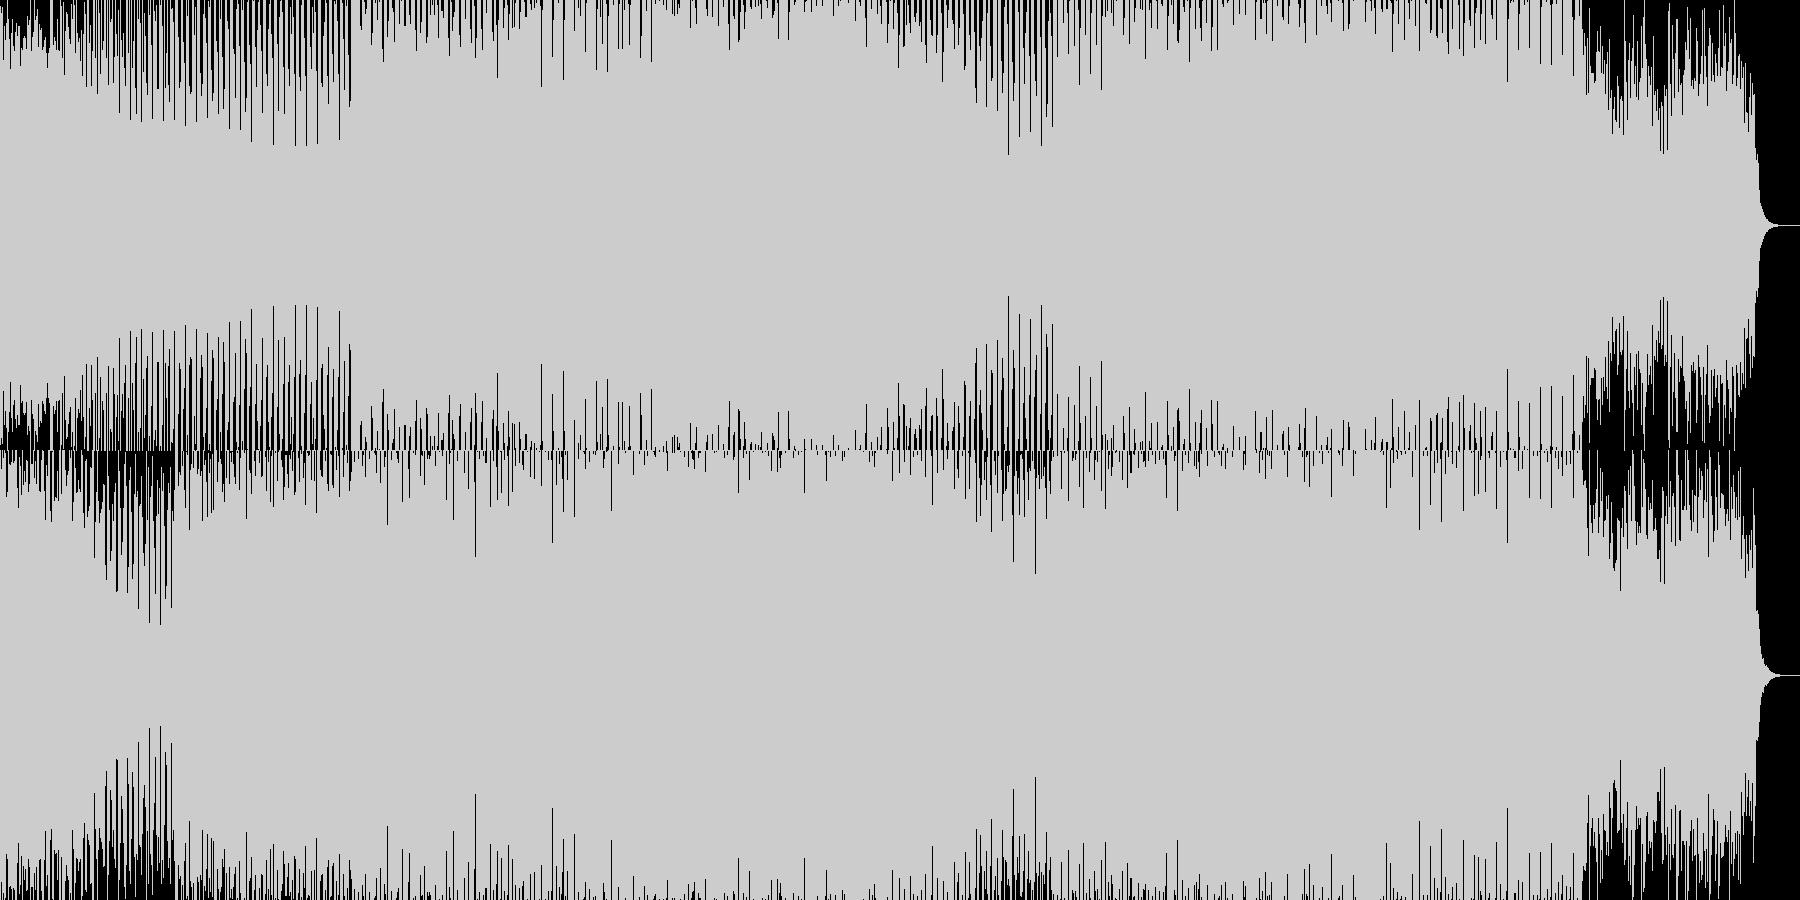 EDMクラブ系ダンスミュージック-70の未再生の波形